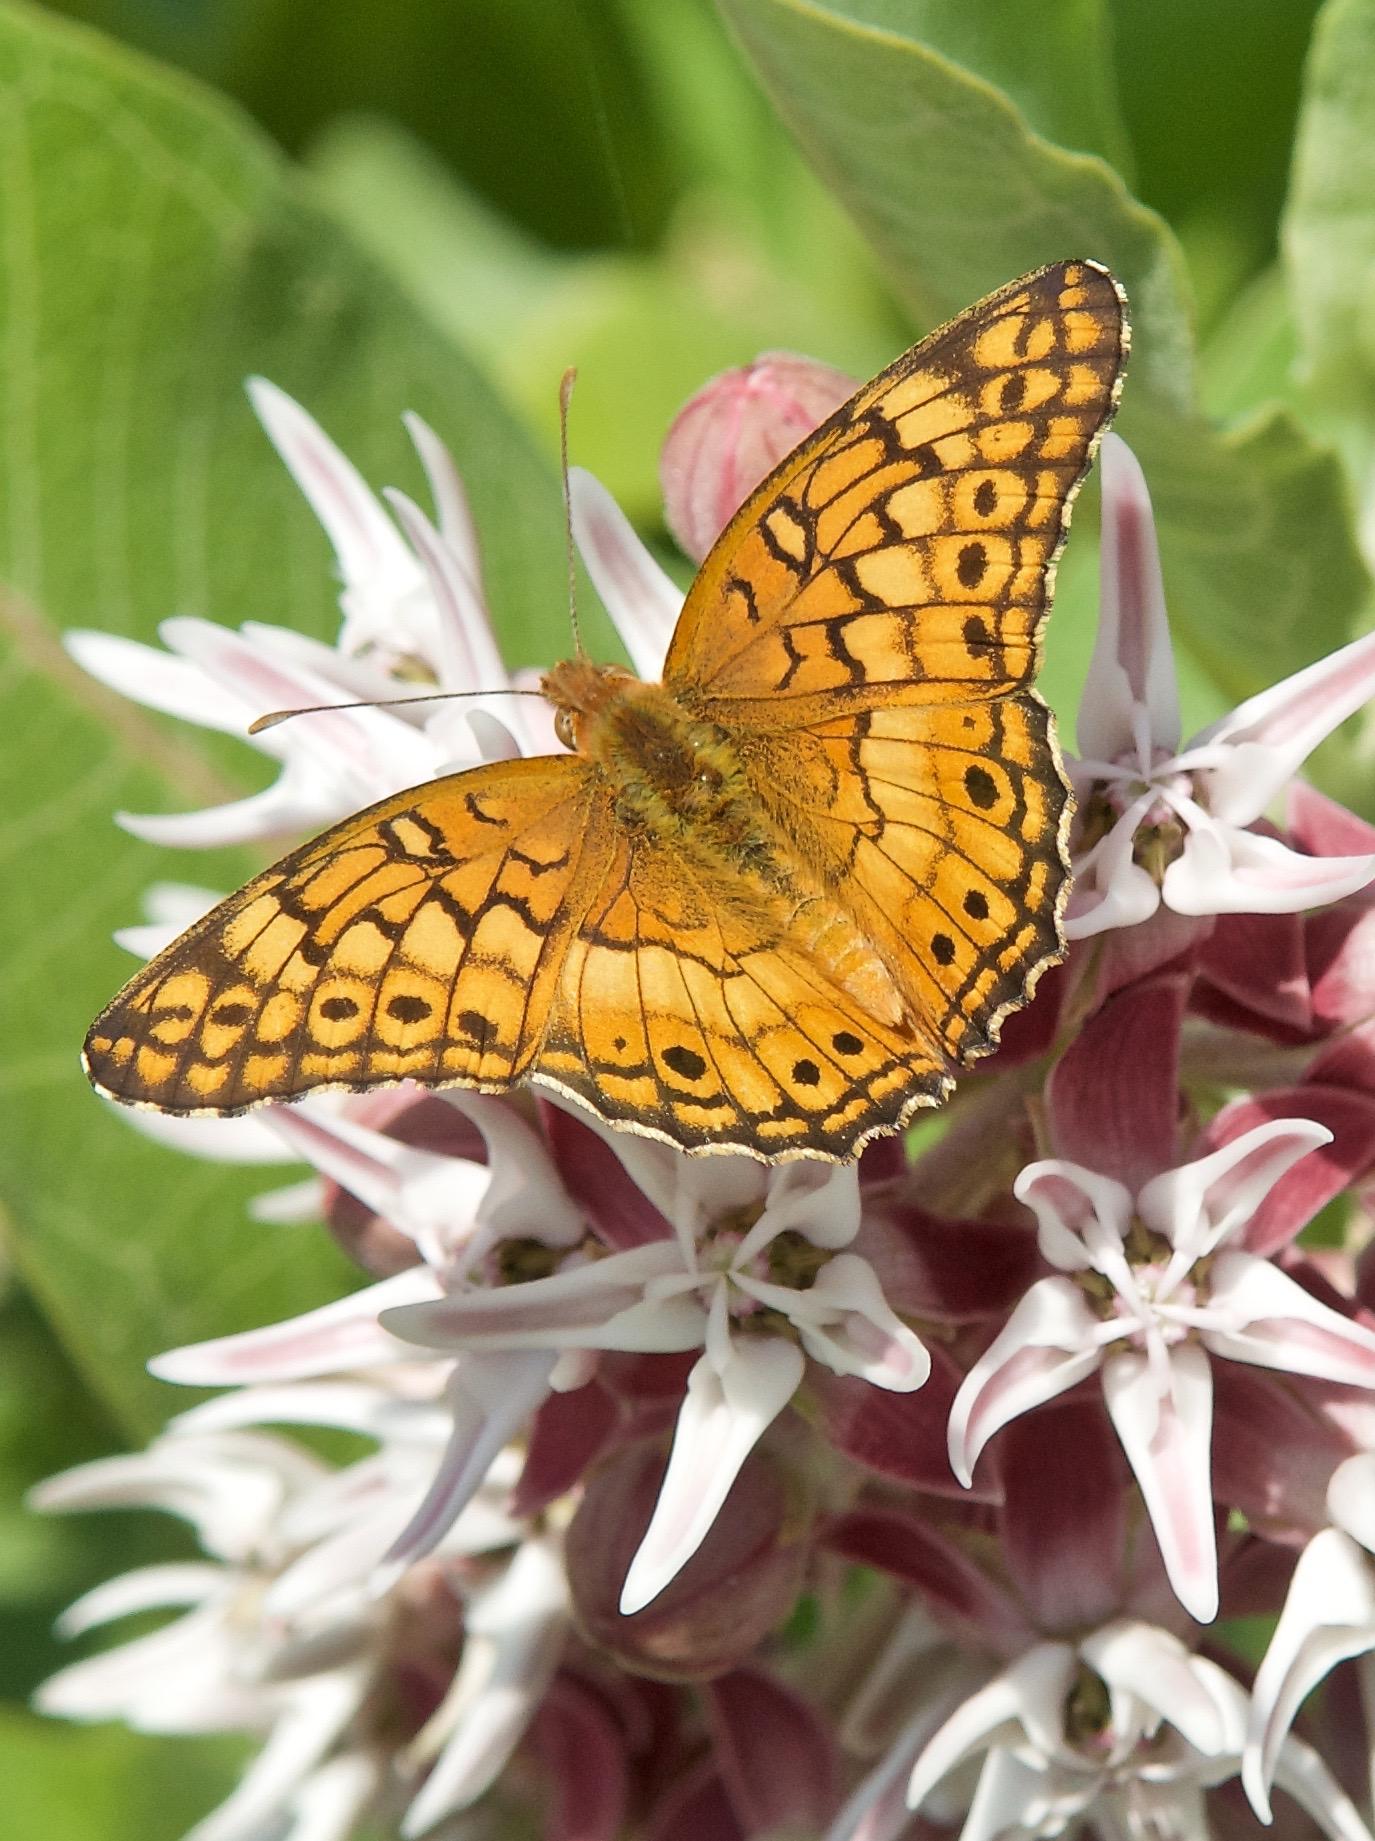 Variegated Fritillary (Euptoieta claudia ) on Milkweed